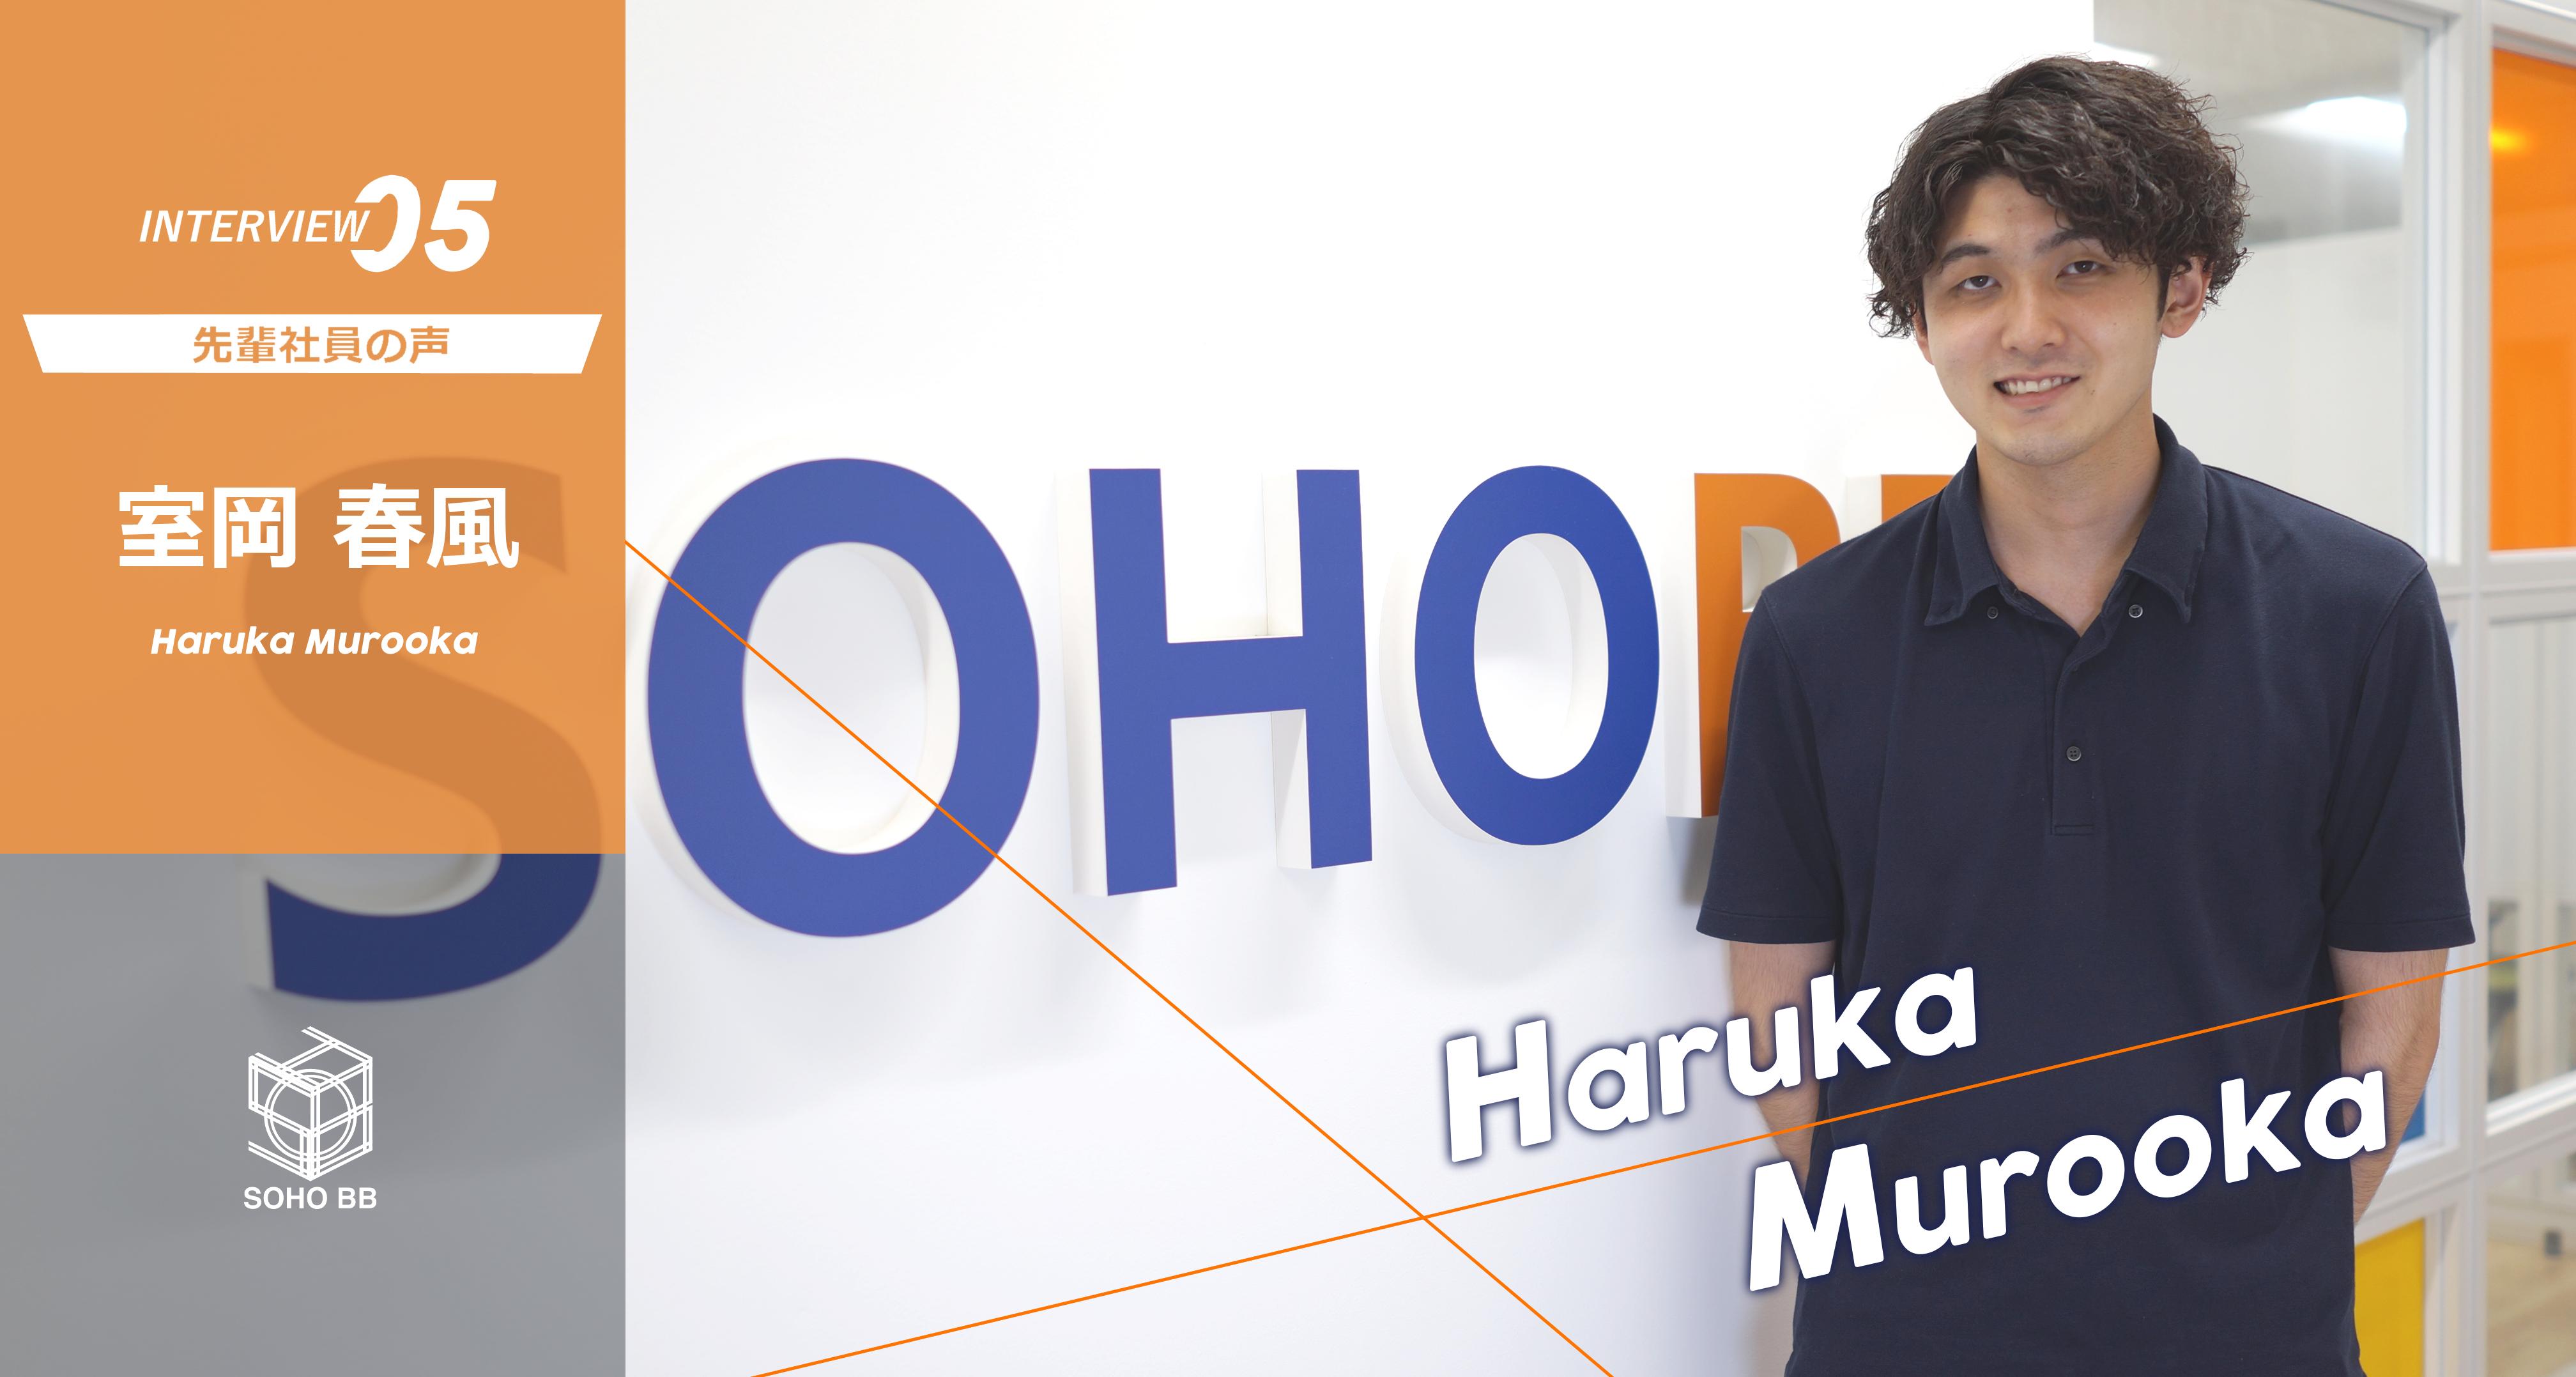 ソホビービー / 室岡 春風 / Haruka Murooka